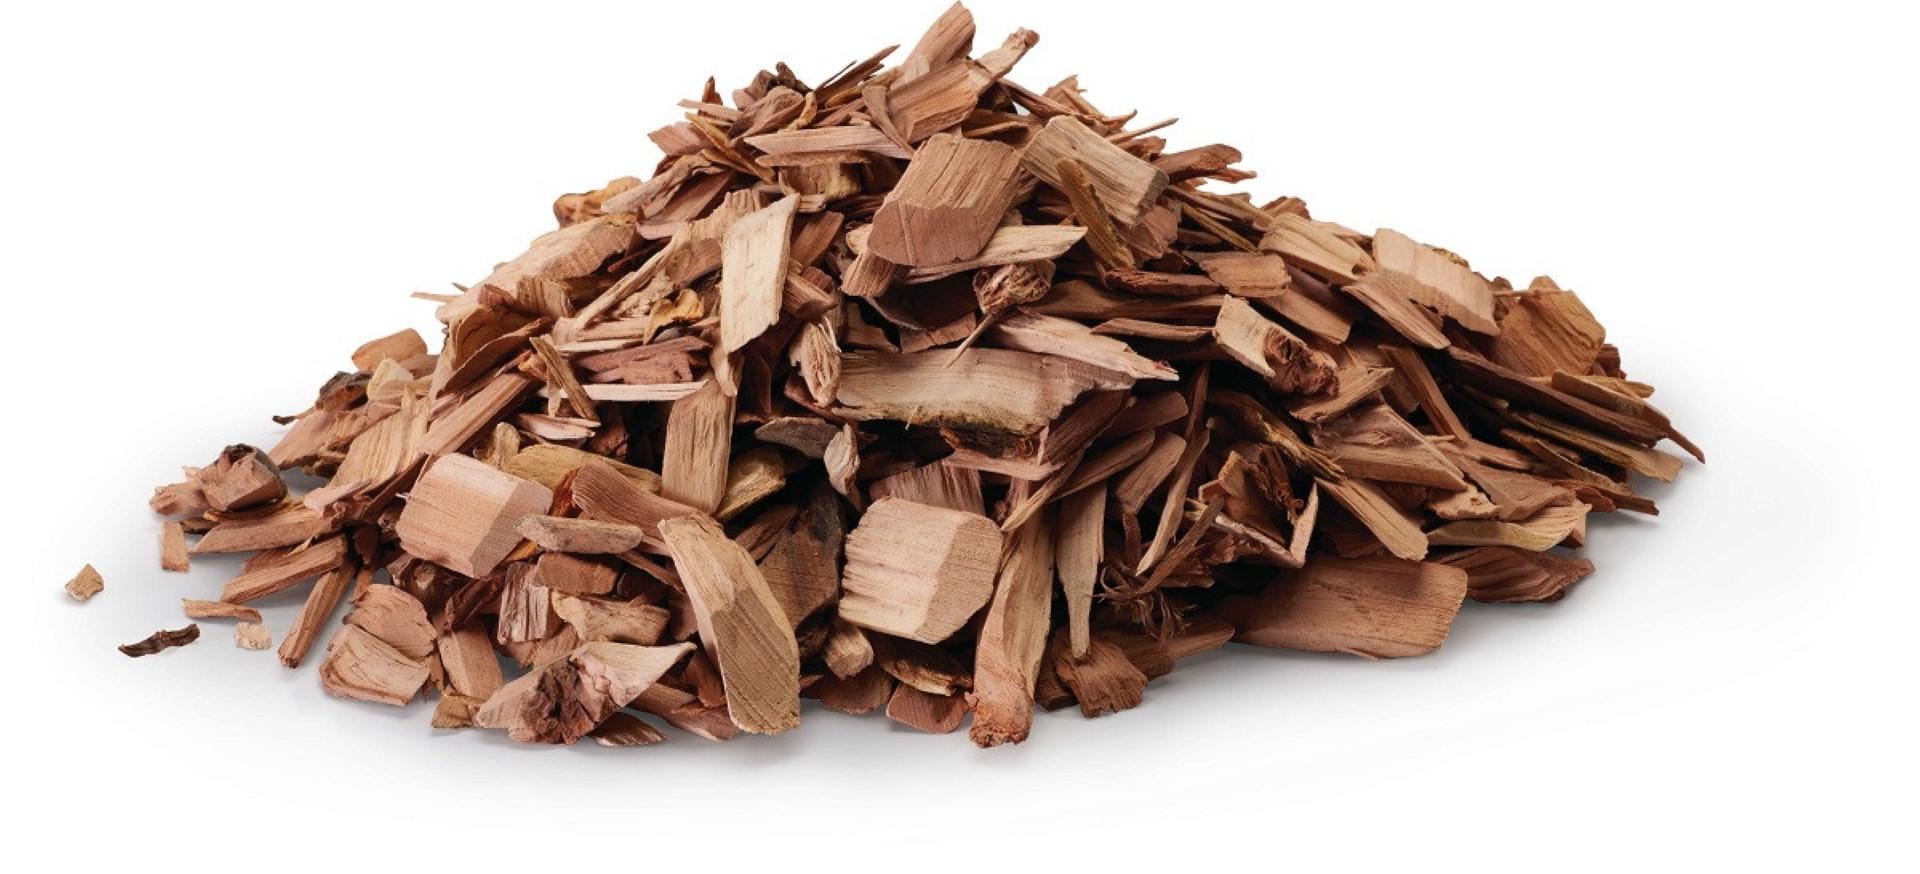 wood chips brandy 700g